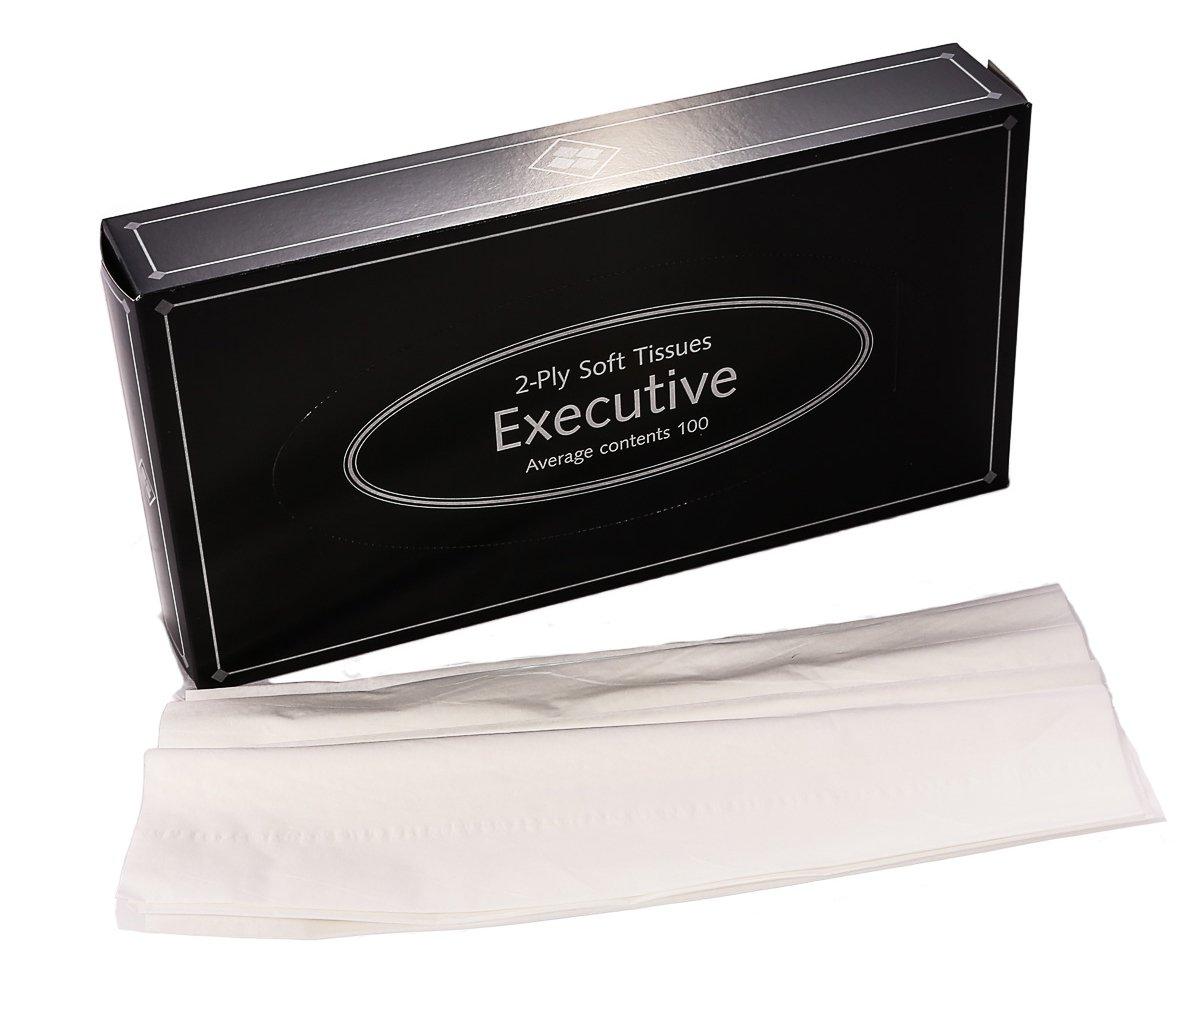 Man Size Large Tissues Staples Disposables Ltd